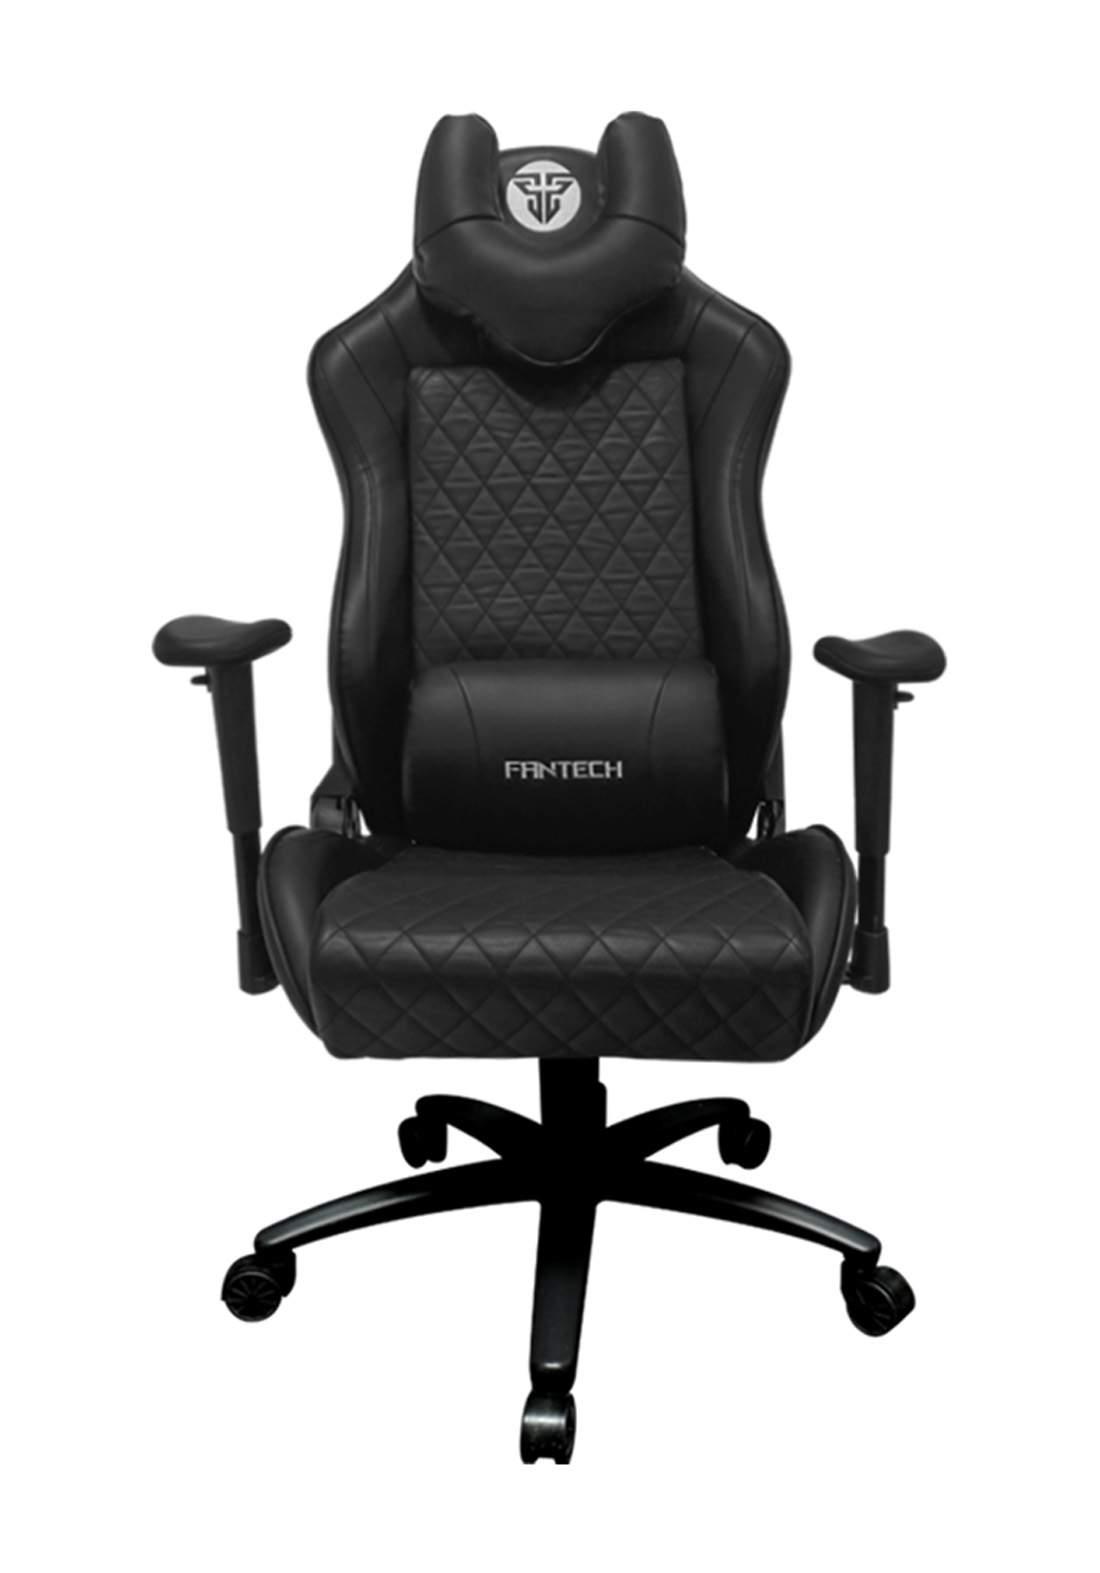 Fantech Alpha GC-184 Gaming Chair - Black كرسي ألعاب